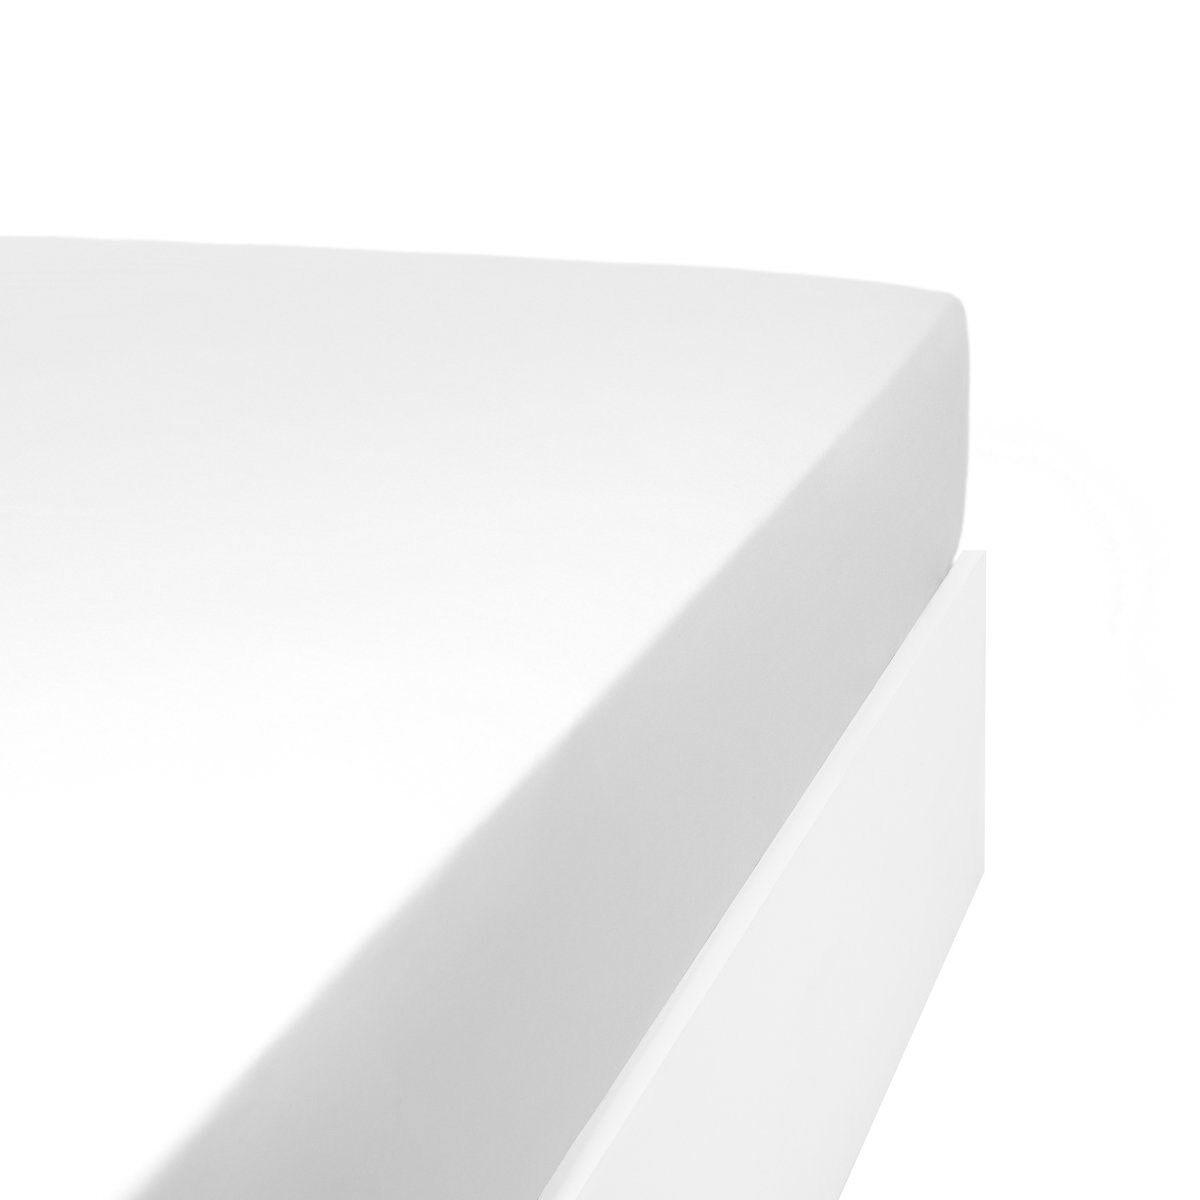 Linandelle Drap housse jersey extensible lit double en coton blanc 70x190 cm